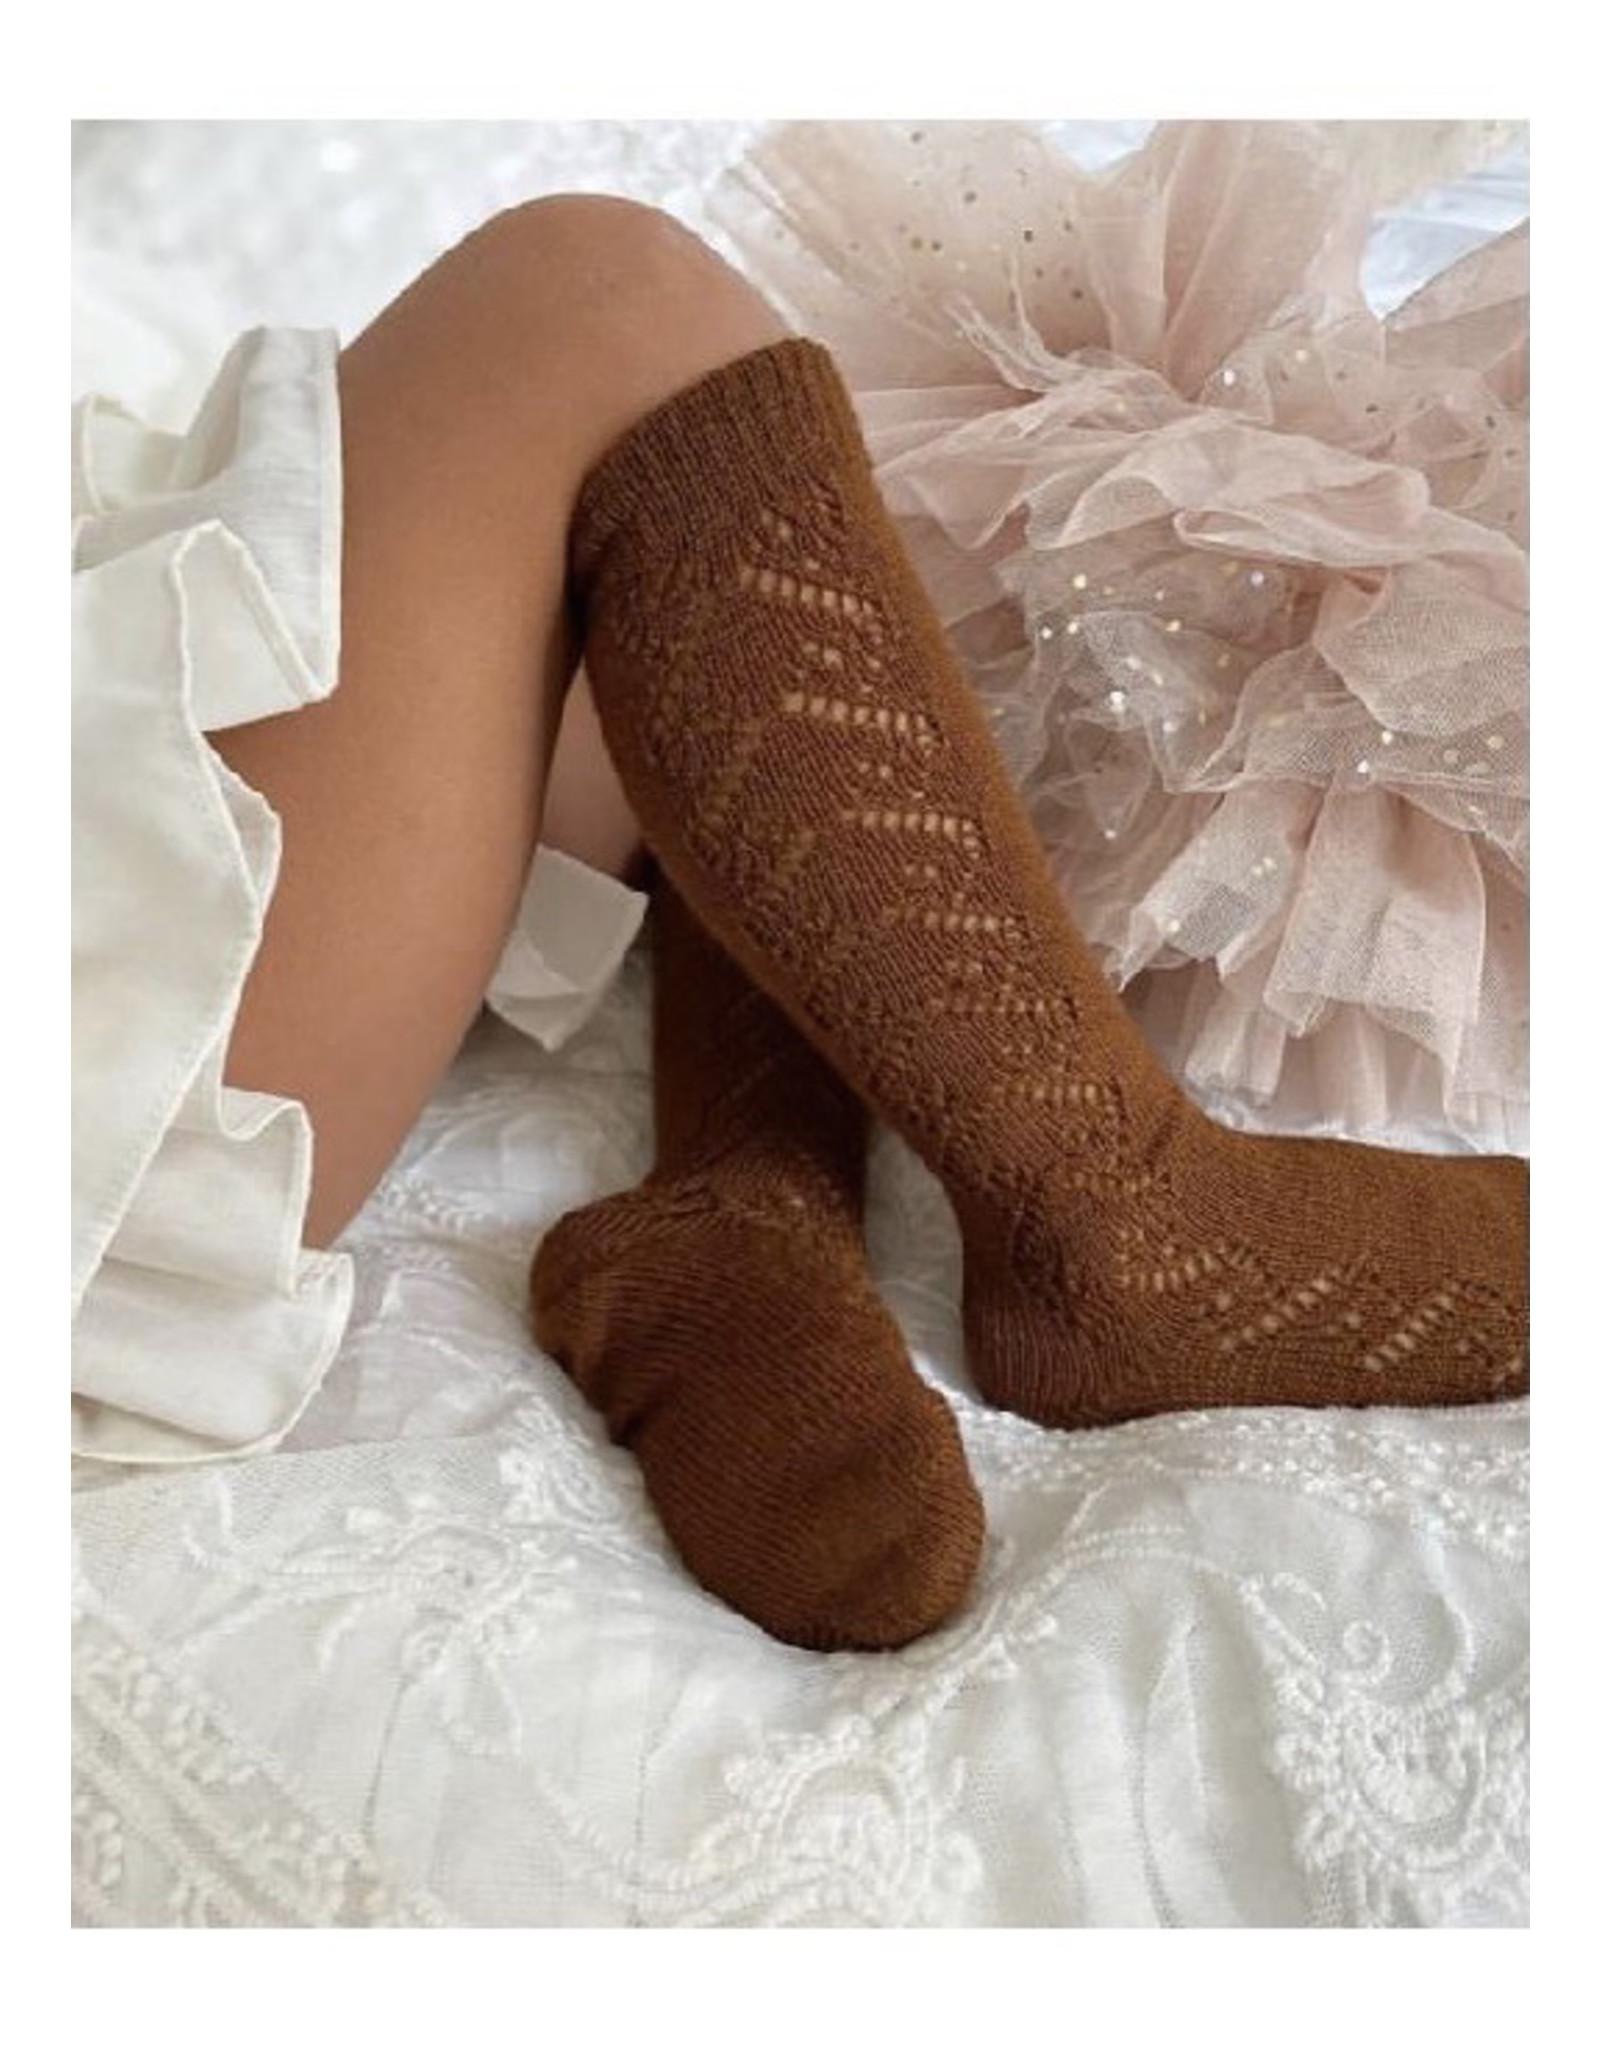 CONDOR Cinnamon Wool Side Openwork Socks